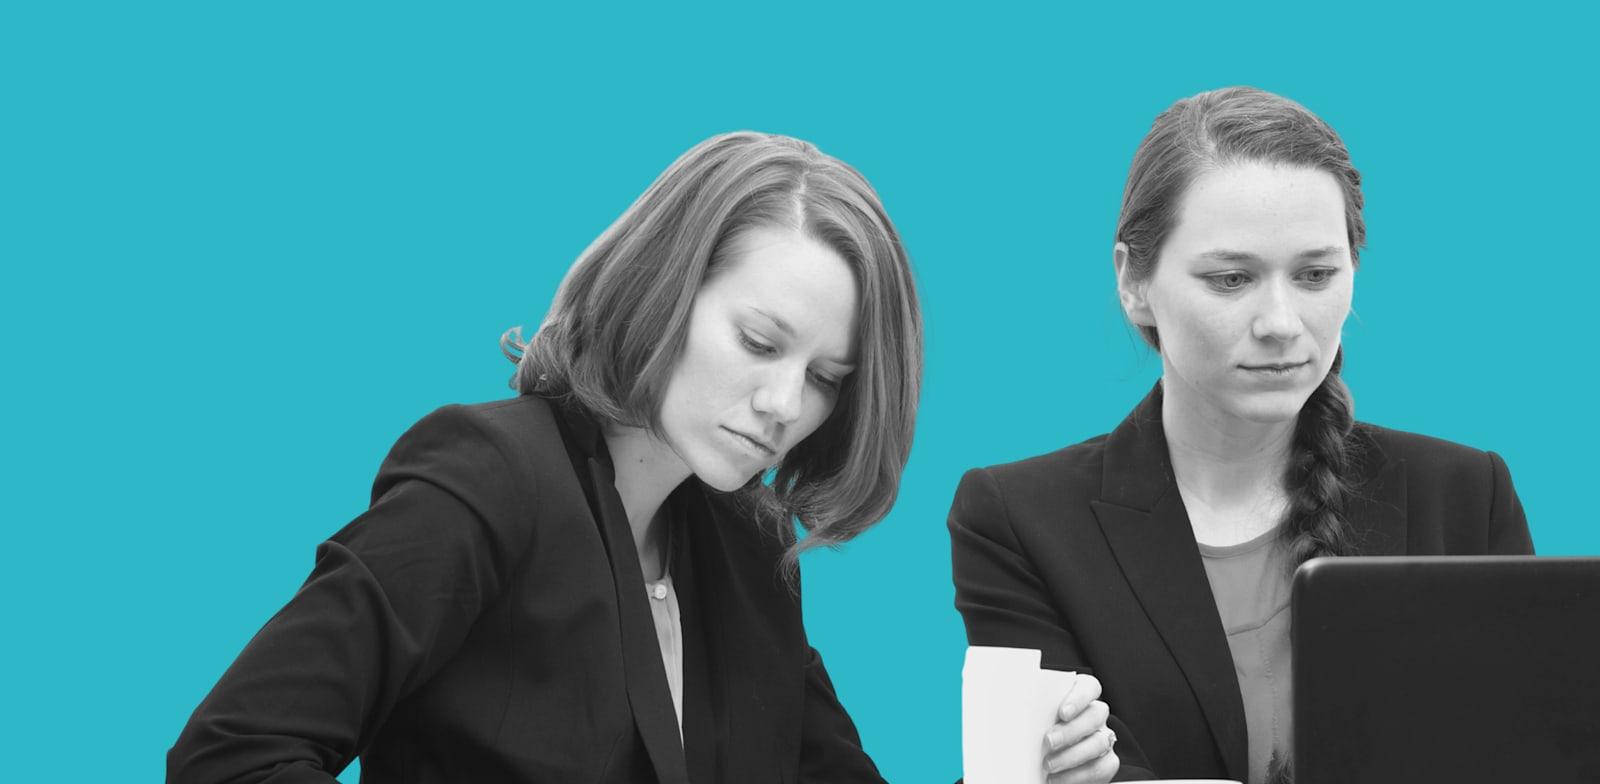 נשים במשרד / צילום: Shutterstock